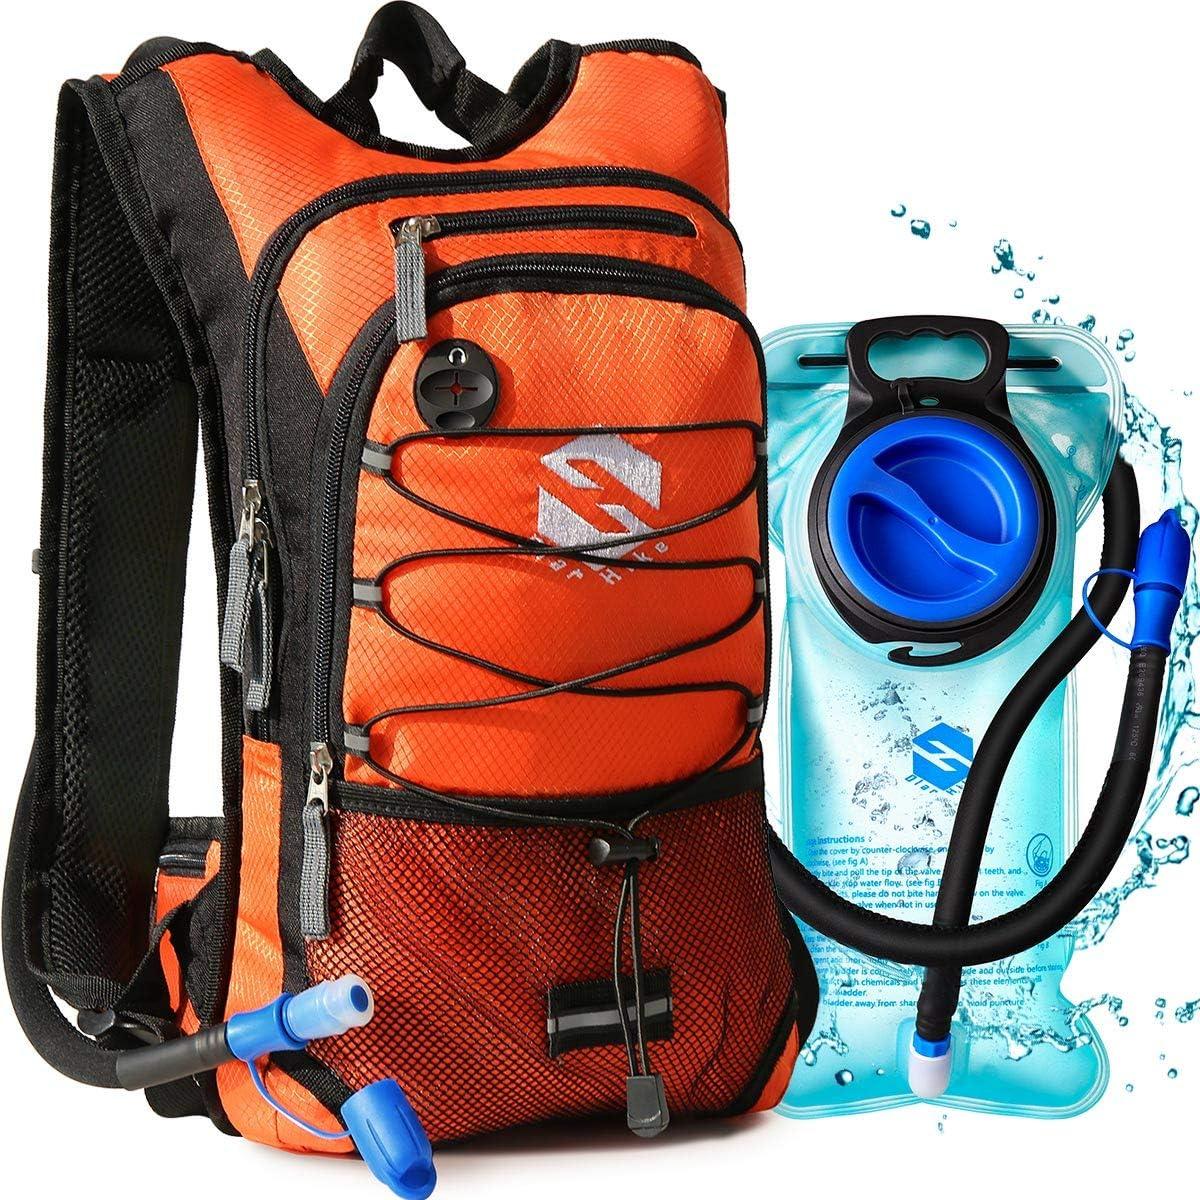 Homyl Mochila Deportivo Hydration Pack de Camping 2L Bolsa de Viaje para Bolsa de Agua para Mochila de Hombro 4/Colores